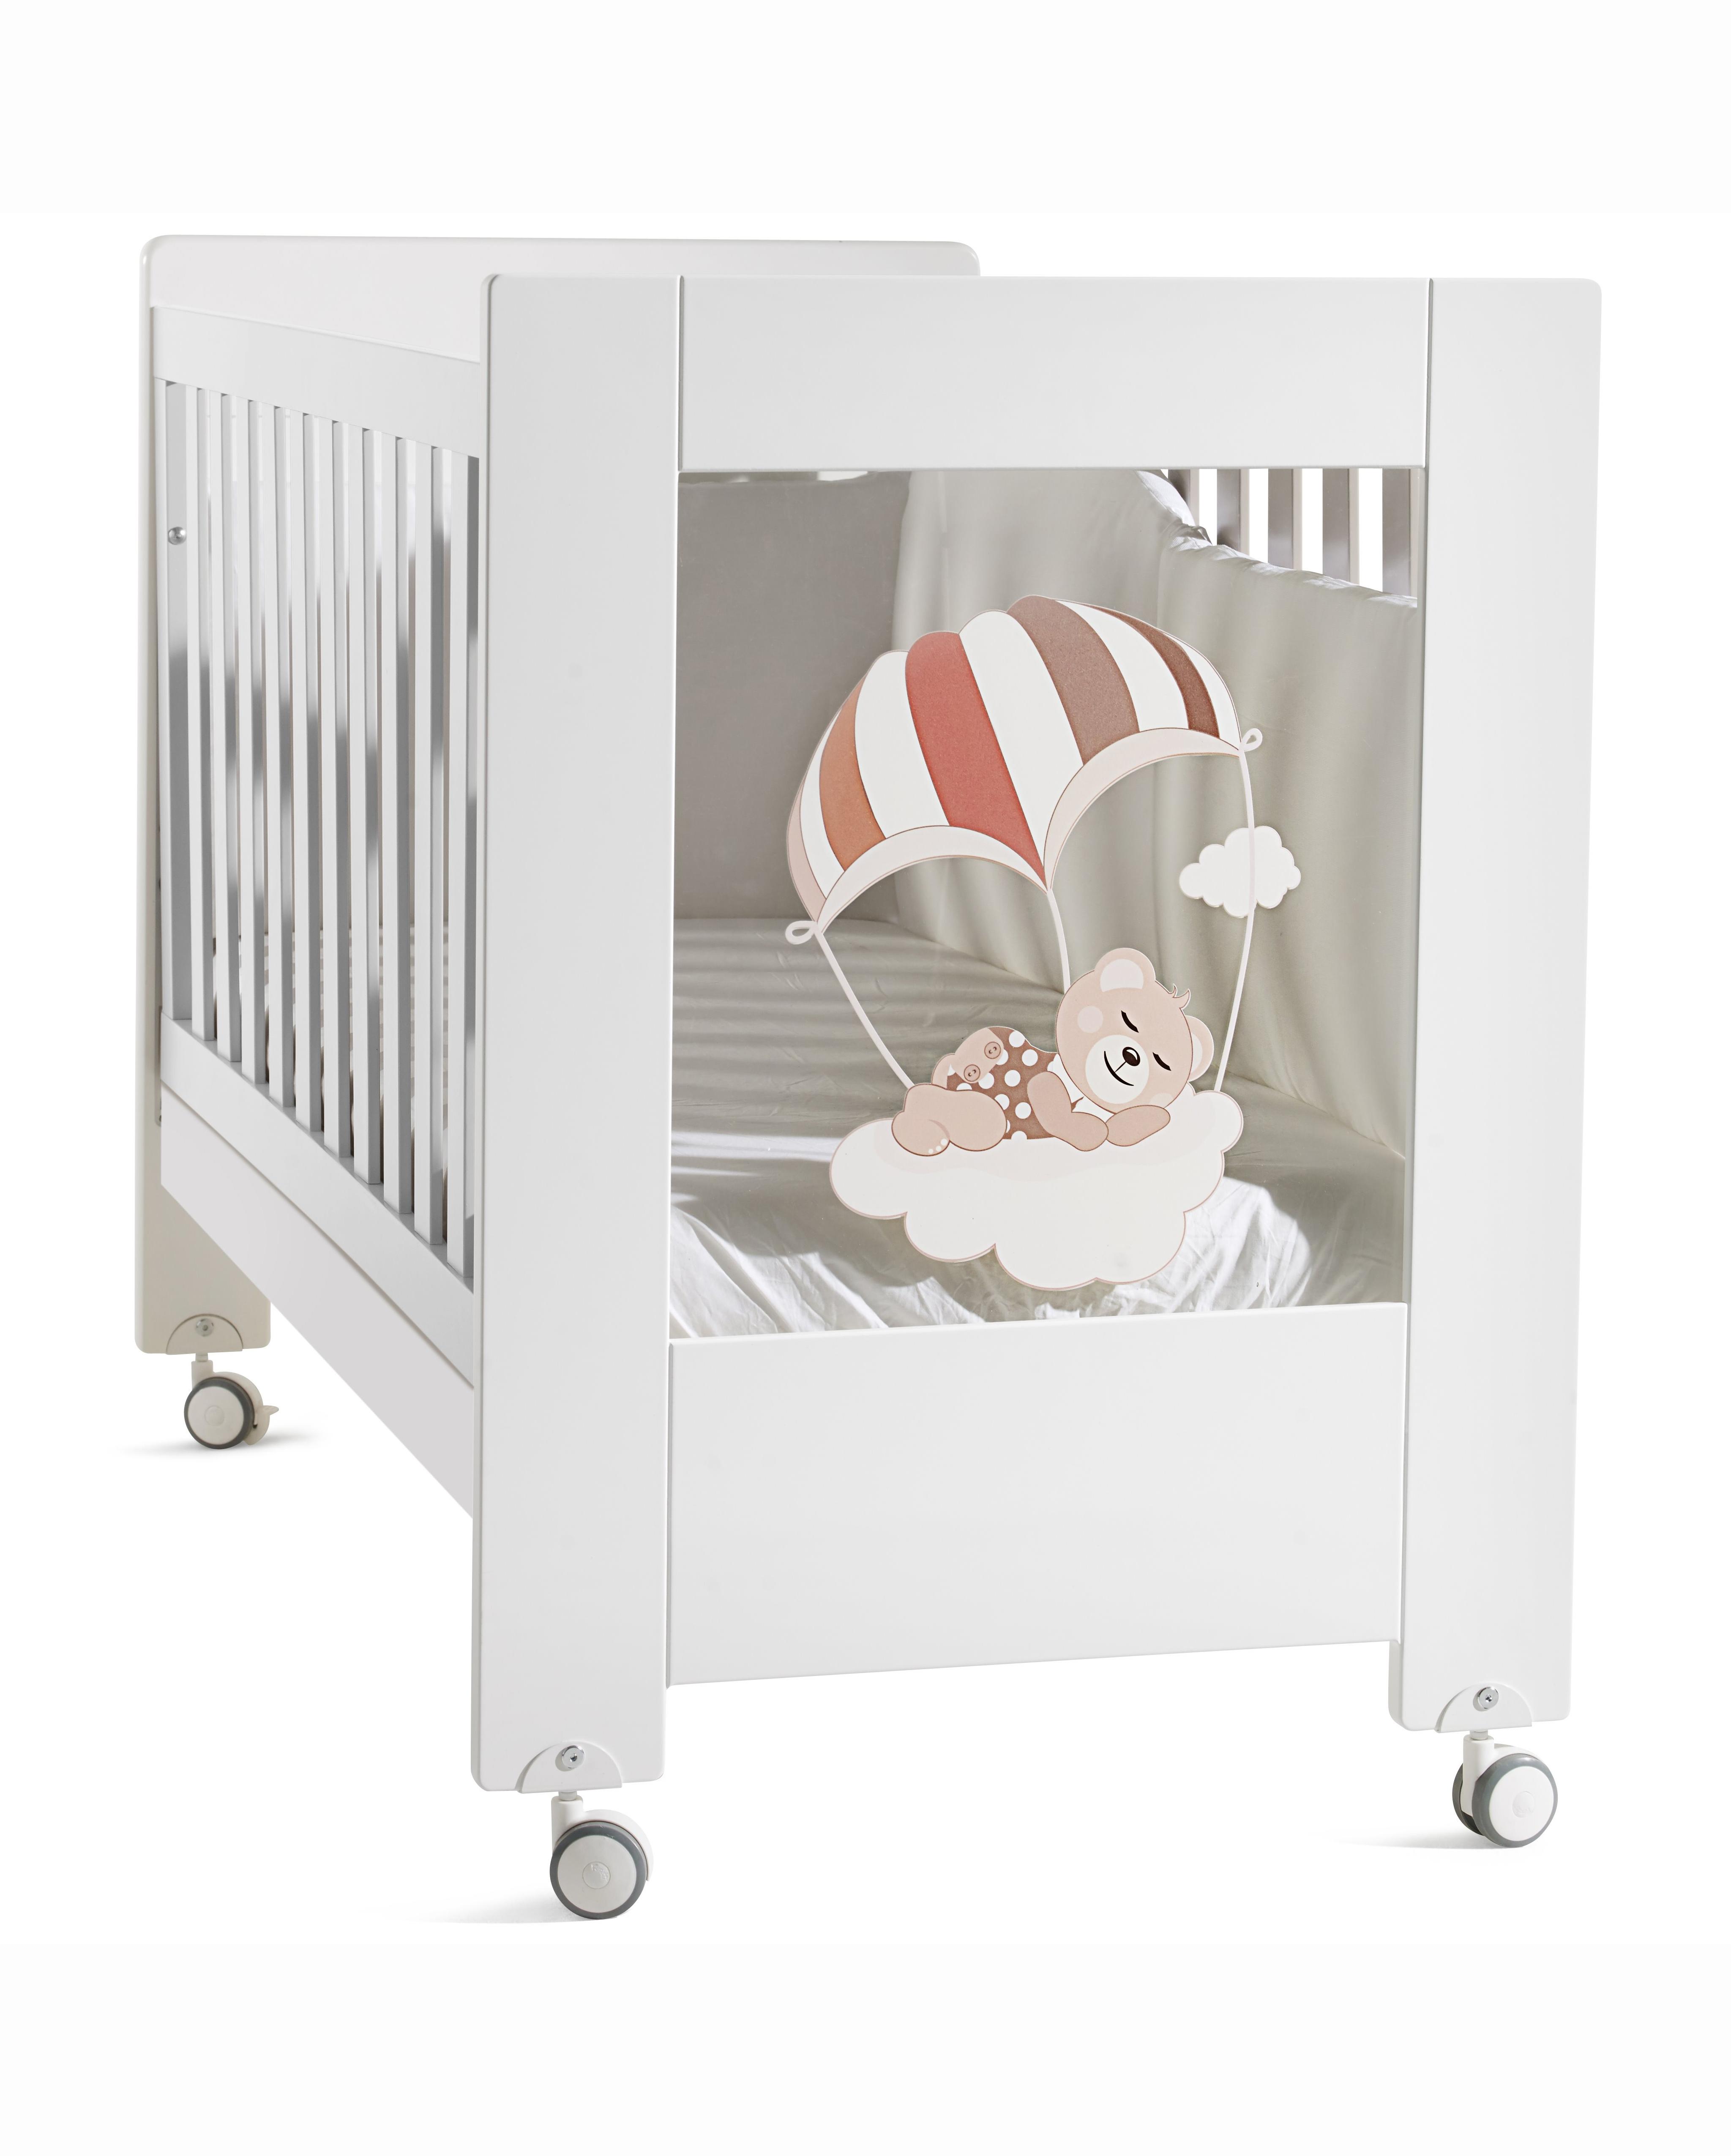 Кроватка детская - Fabienne et MathieuДетские кровати и мягкая мебель<br>Кроватка детская - Fabienne et Mathieu<br>